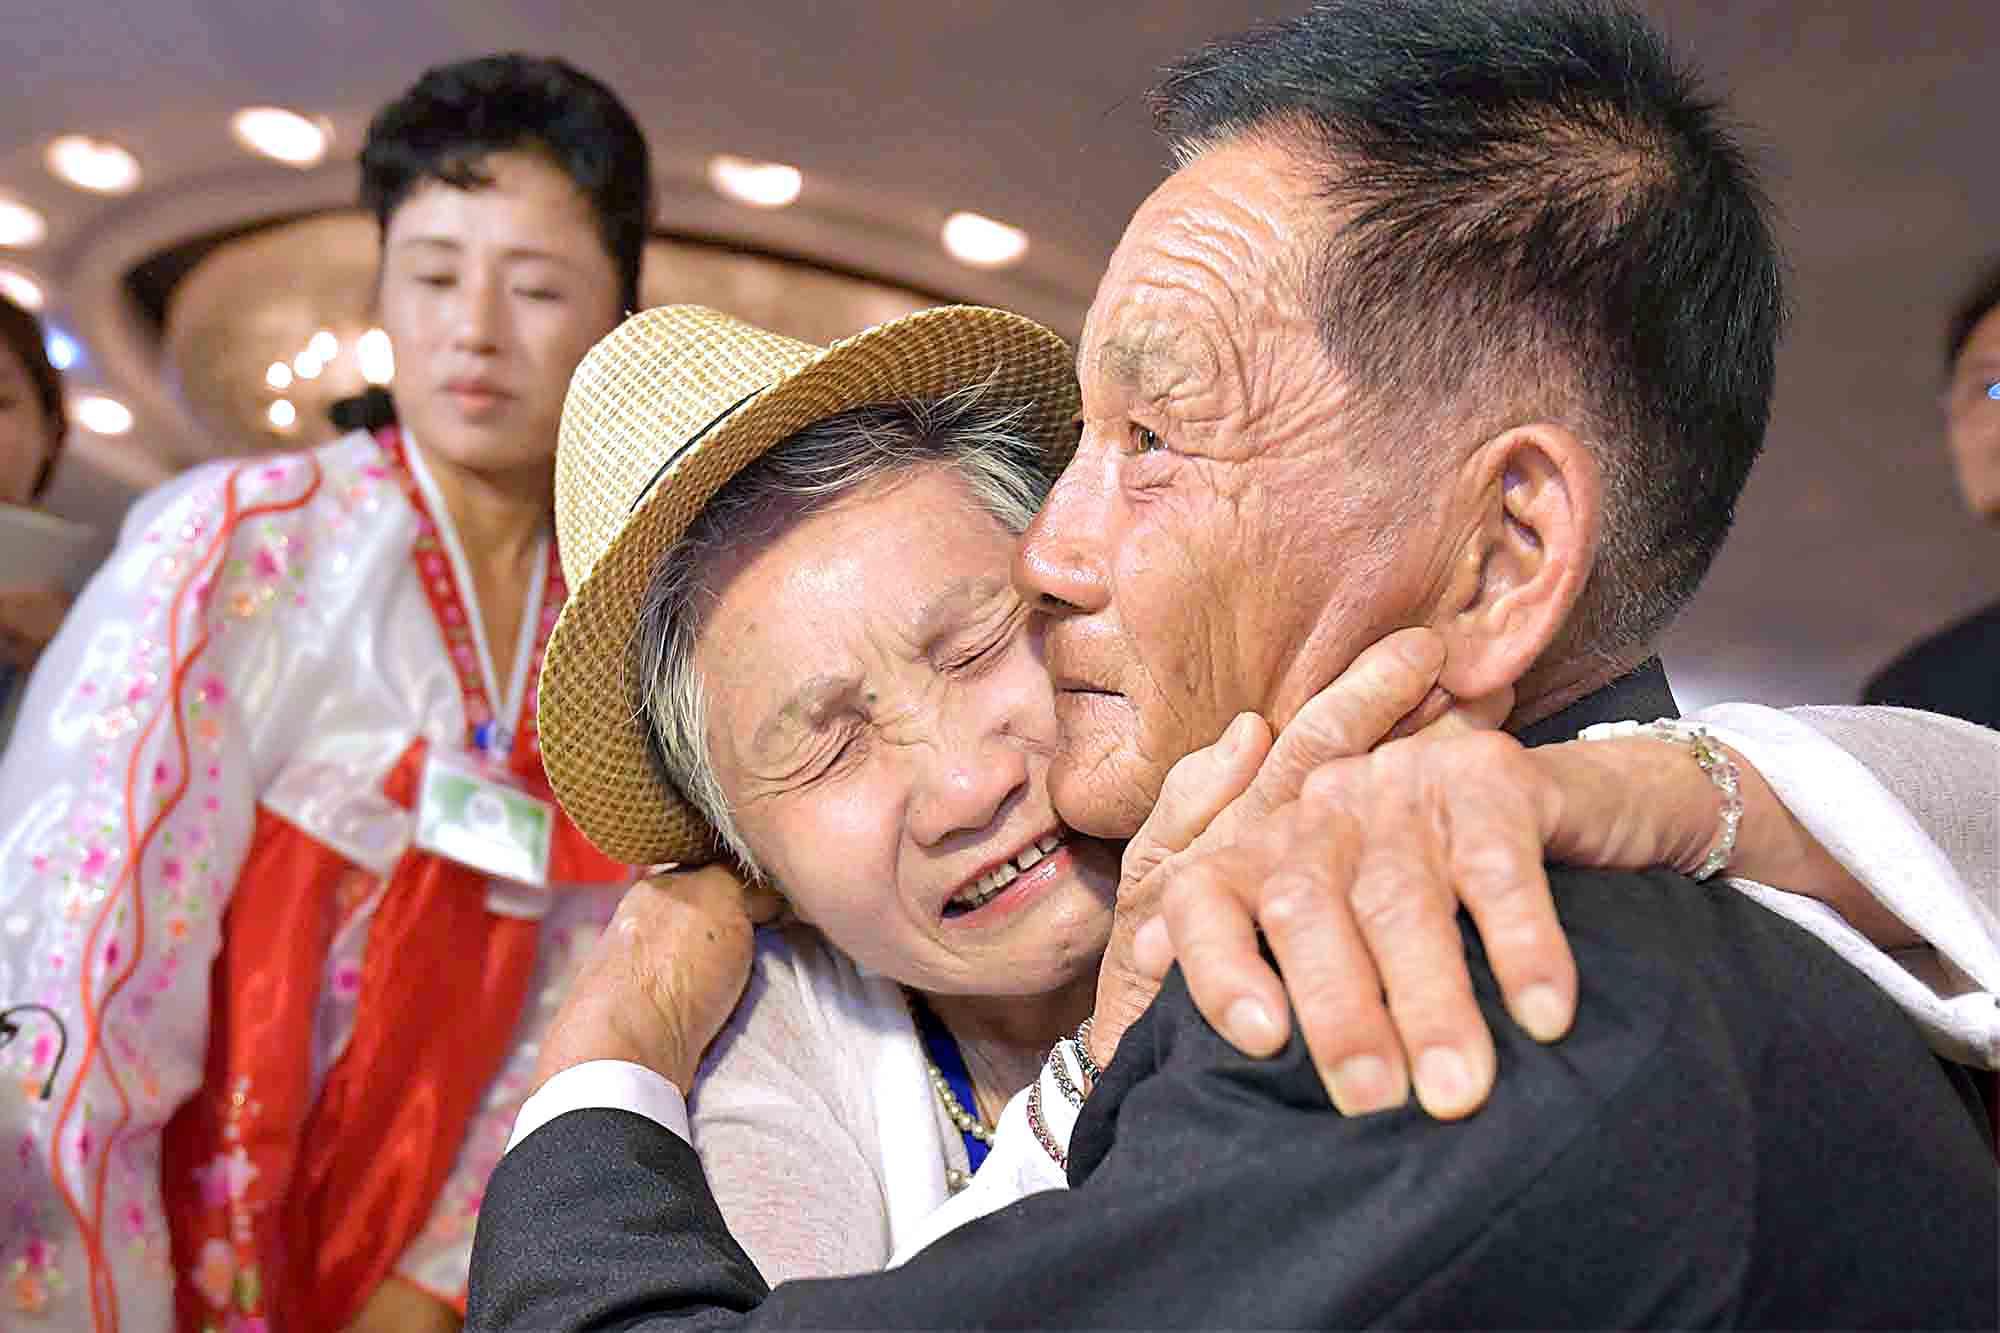 20일 금강산호텔에서 열린 제21차 남북 이산가족 단체상봉 행사에서 남측 이금섬(92) 할머니가 아들 리상철(71)을 만나 기뻐하고 있다. 사진공동취재단